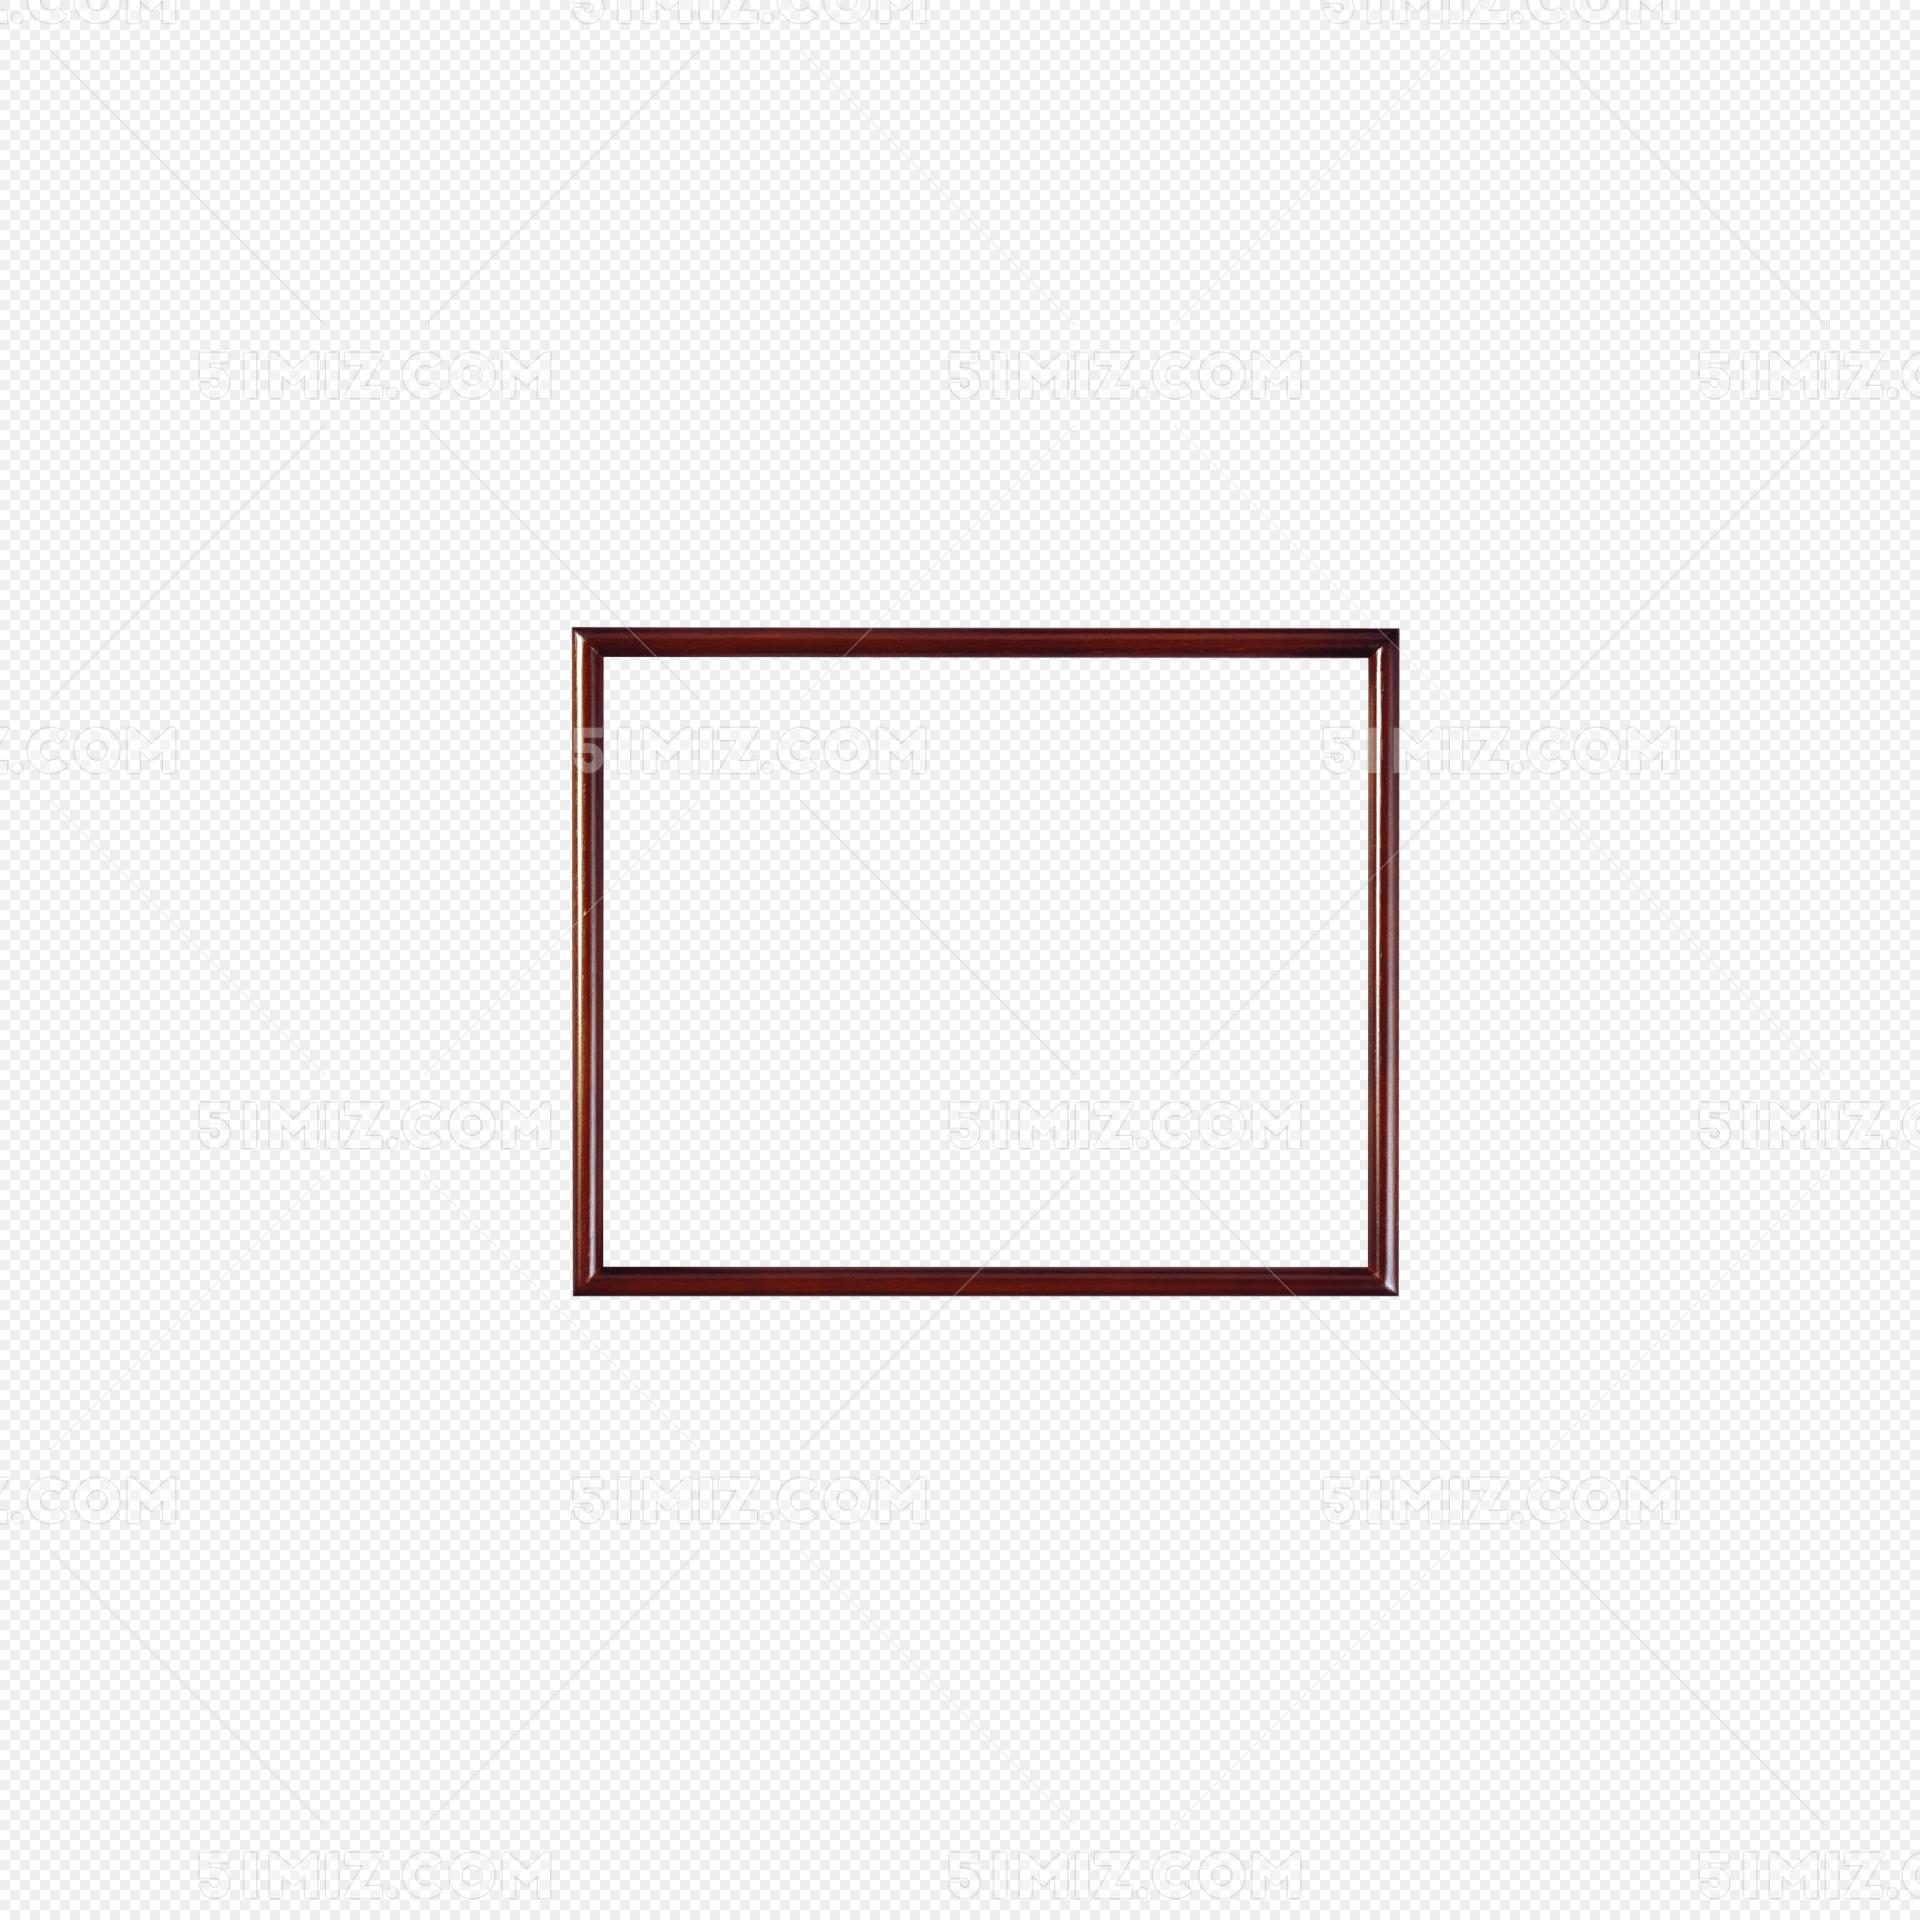 红木边框图片素材免费下载_觅知网